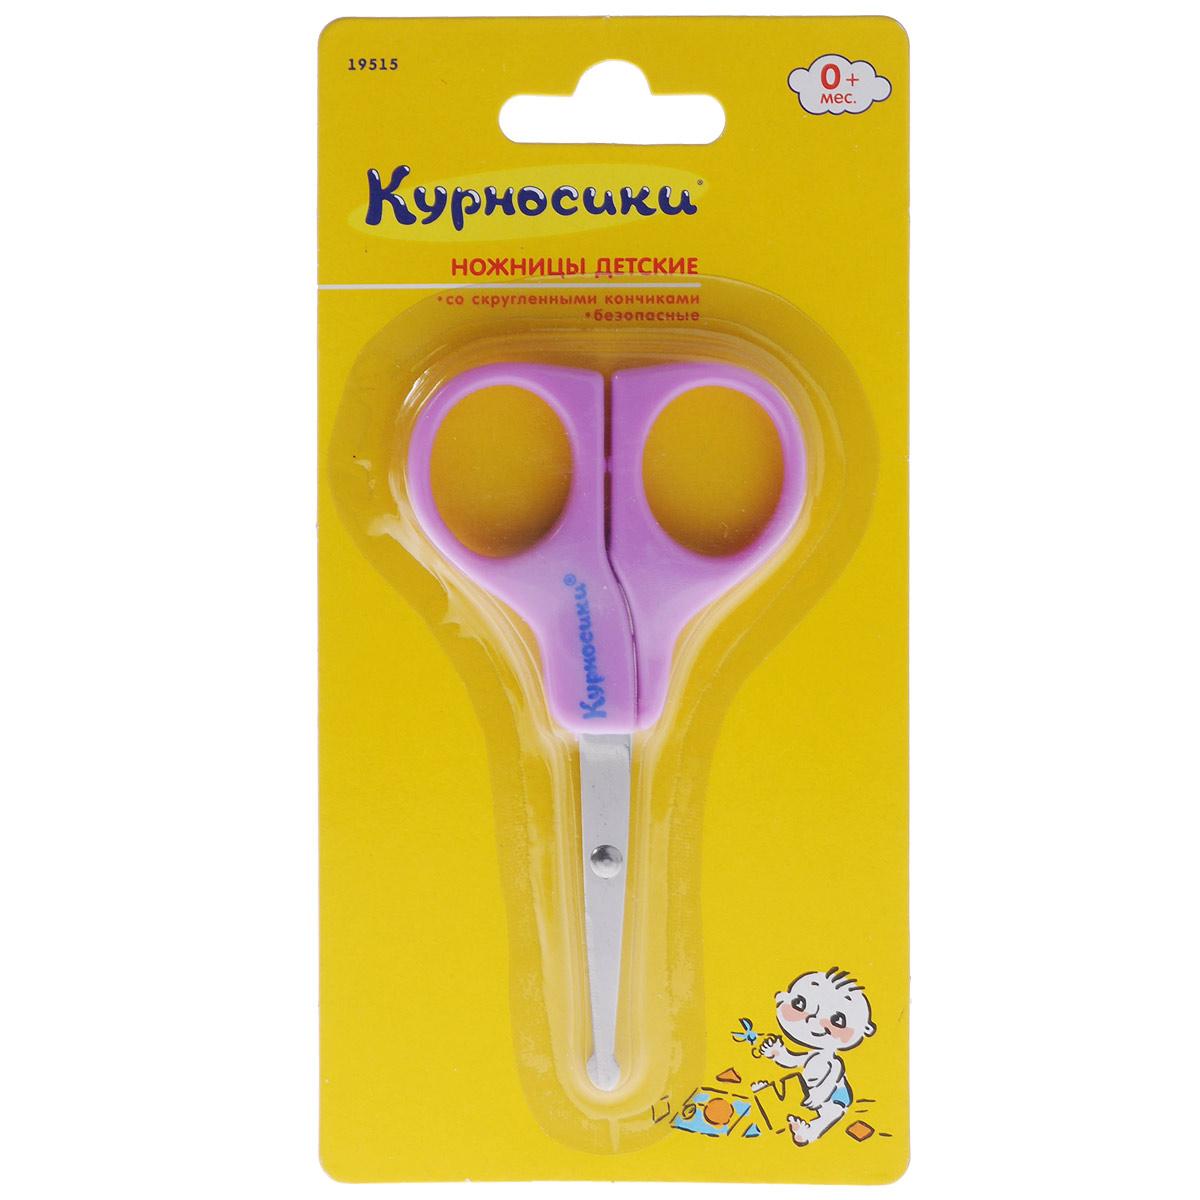 Ножницы детские Курносики, цвет: фиолетовый19515фиолетовый